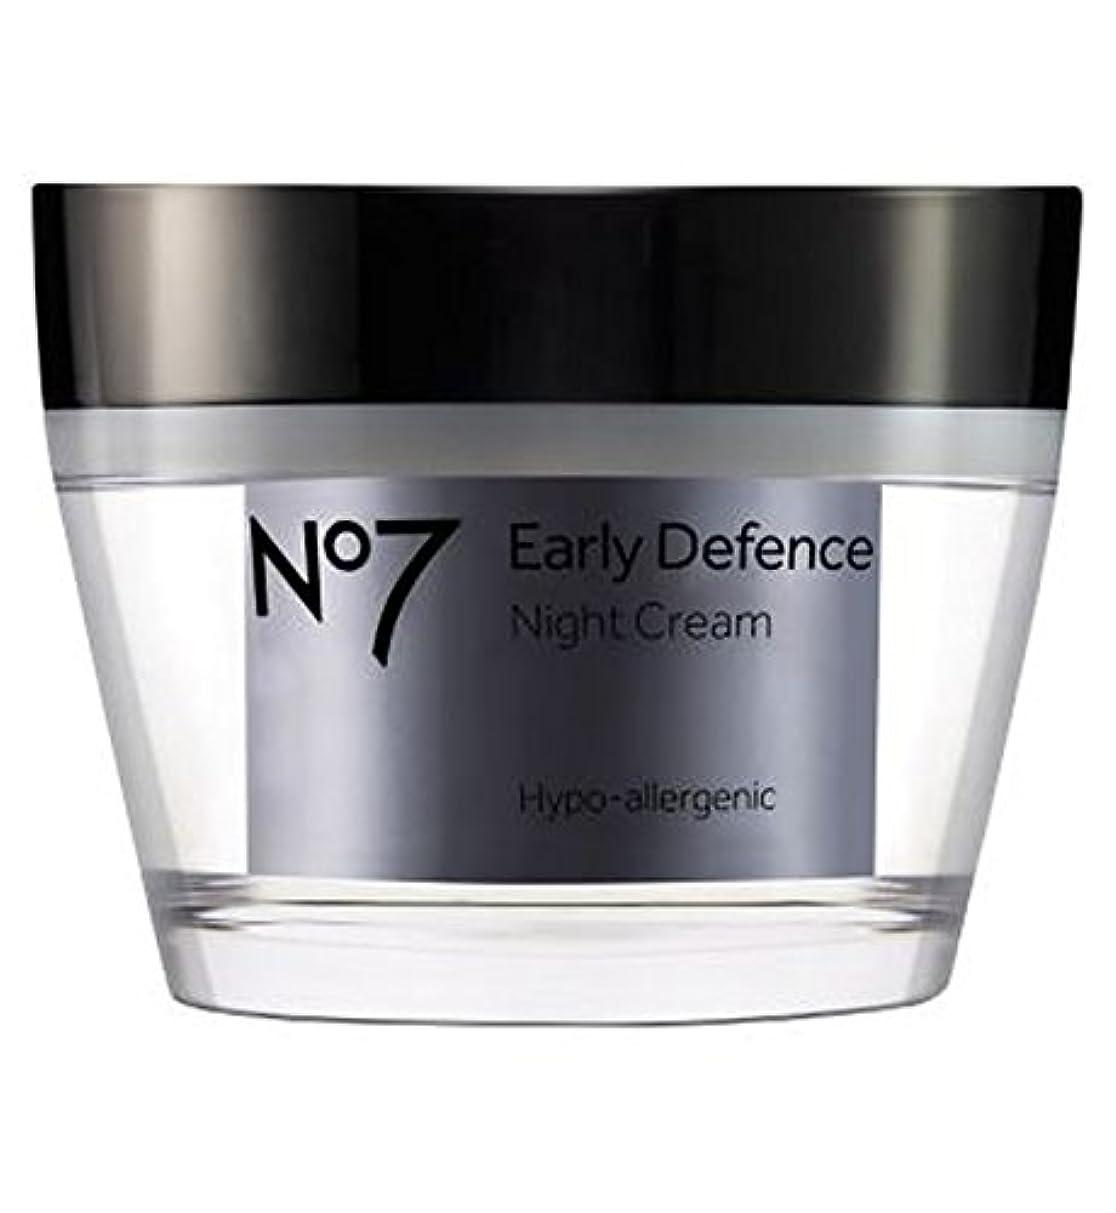 前者習熟度消すNo7 Early Defence Night Cream - No7早期防衛ナイトクリーム (No7) [並行輸入品]